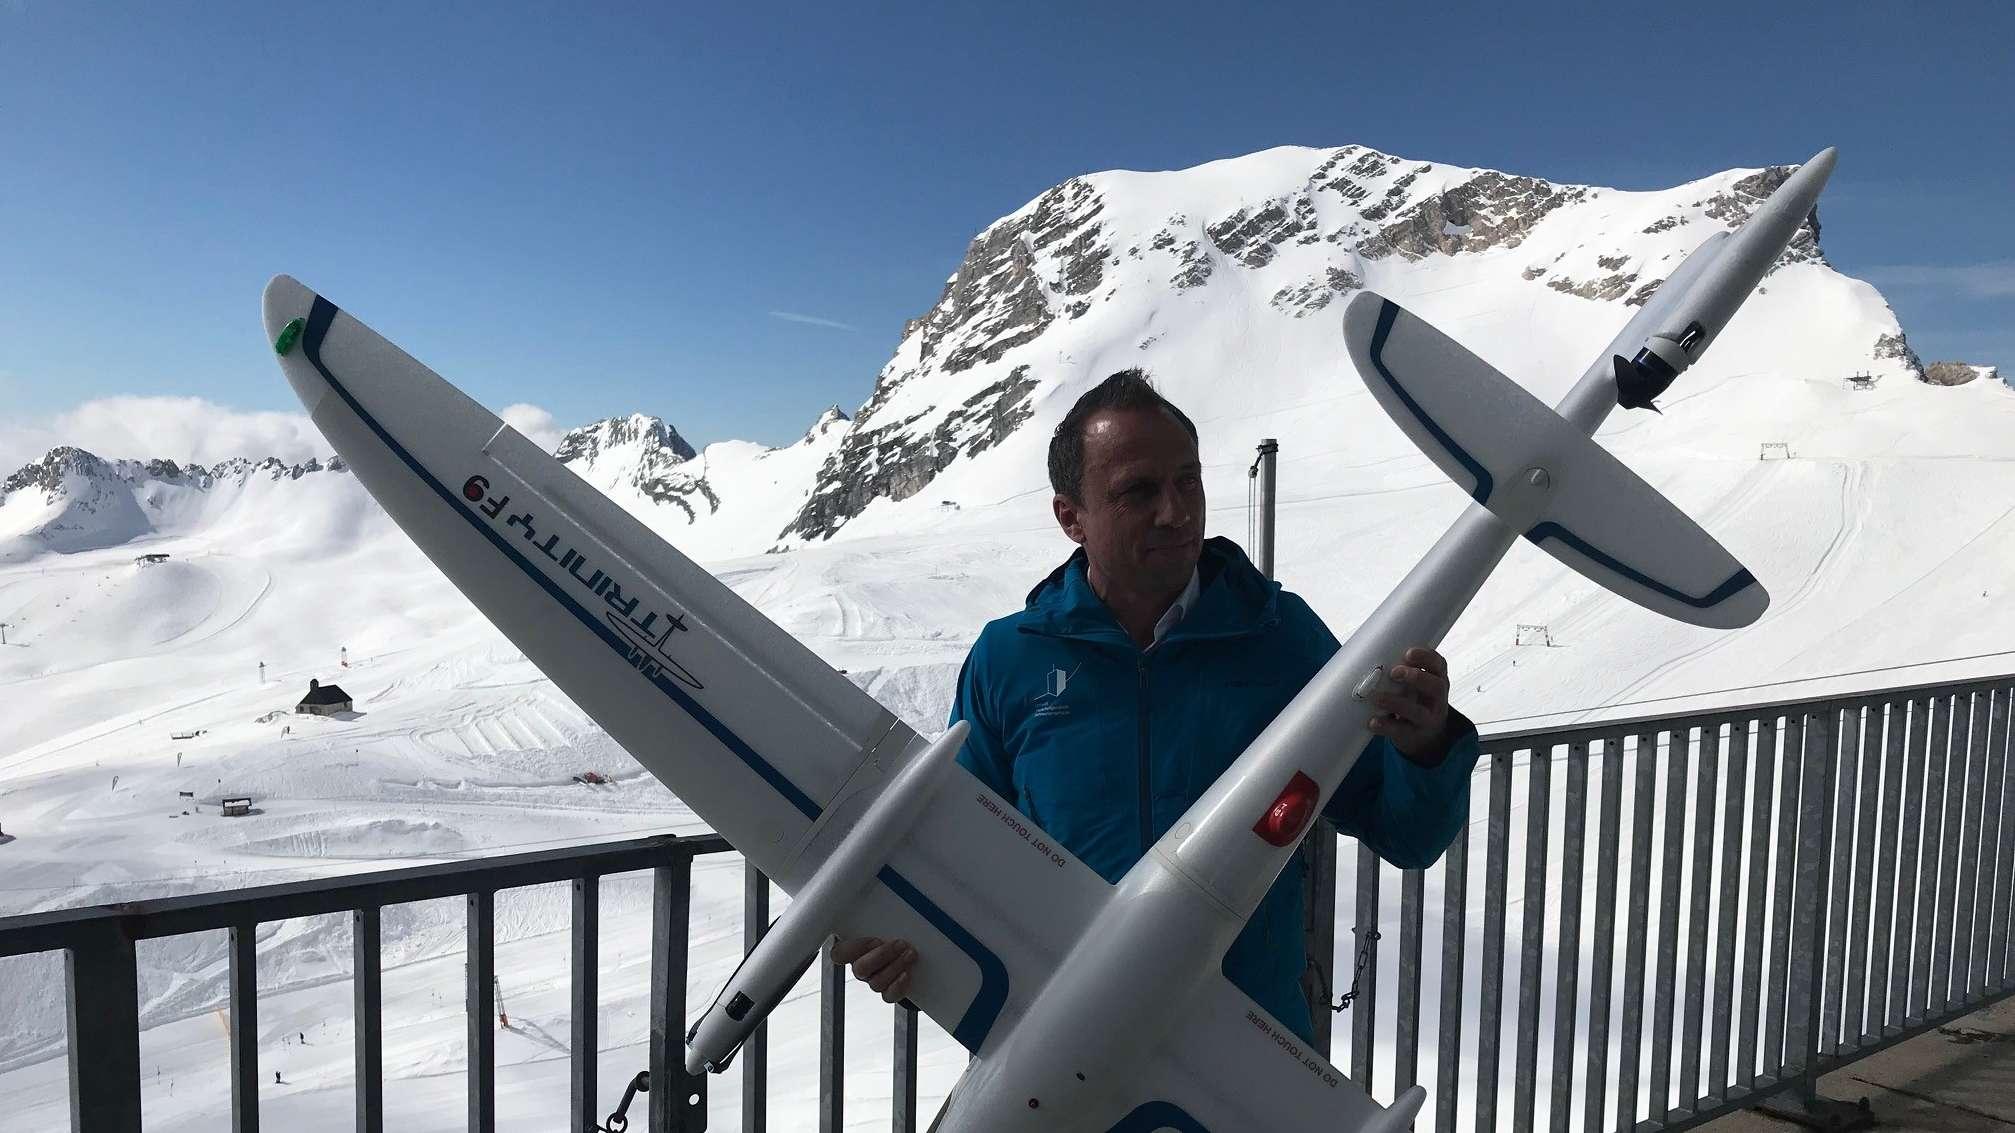 Umweltminister Thorsten Glauber präsentiert die neue Forschungs-Drohne. Kosten des Fluggerätes, das in Oberpfaffenhofen gebaut wird: 15.000 Euro. Sie kann die Rotoren senkrecht stellen und senkrecht starten und landen. Reichweite: 80 Kilometer.